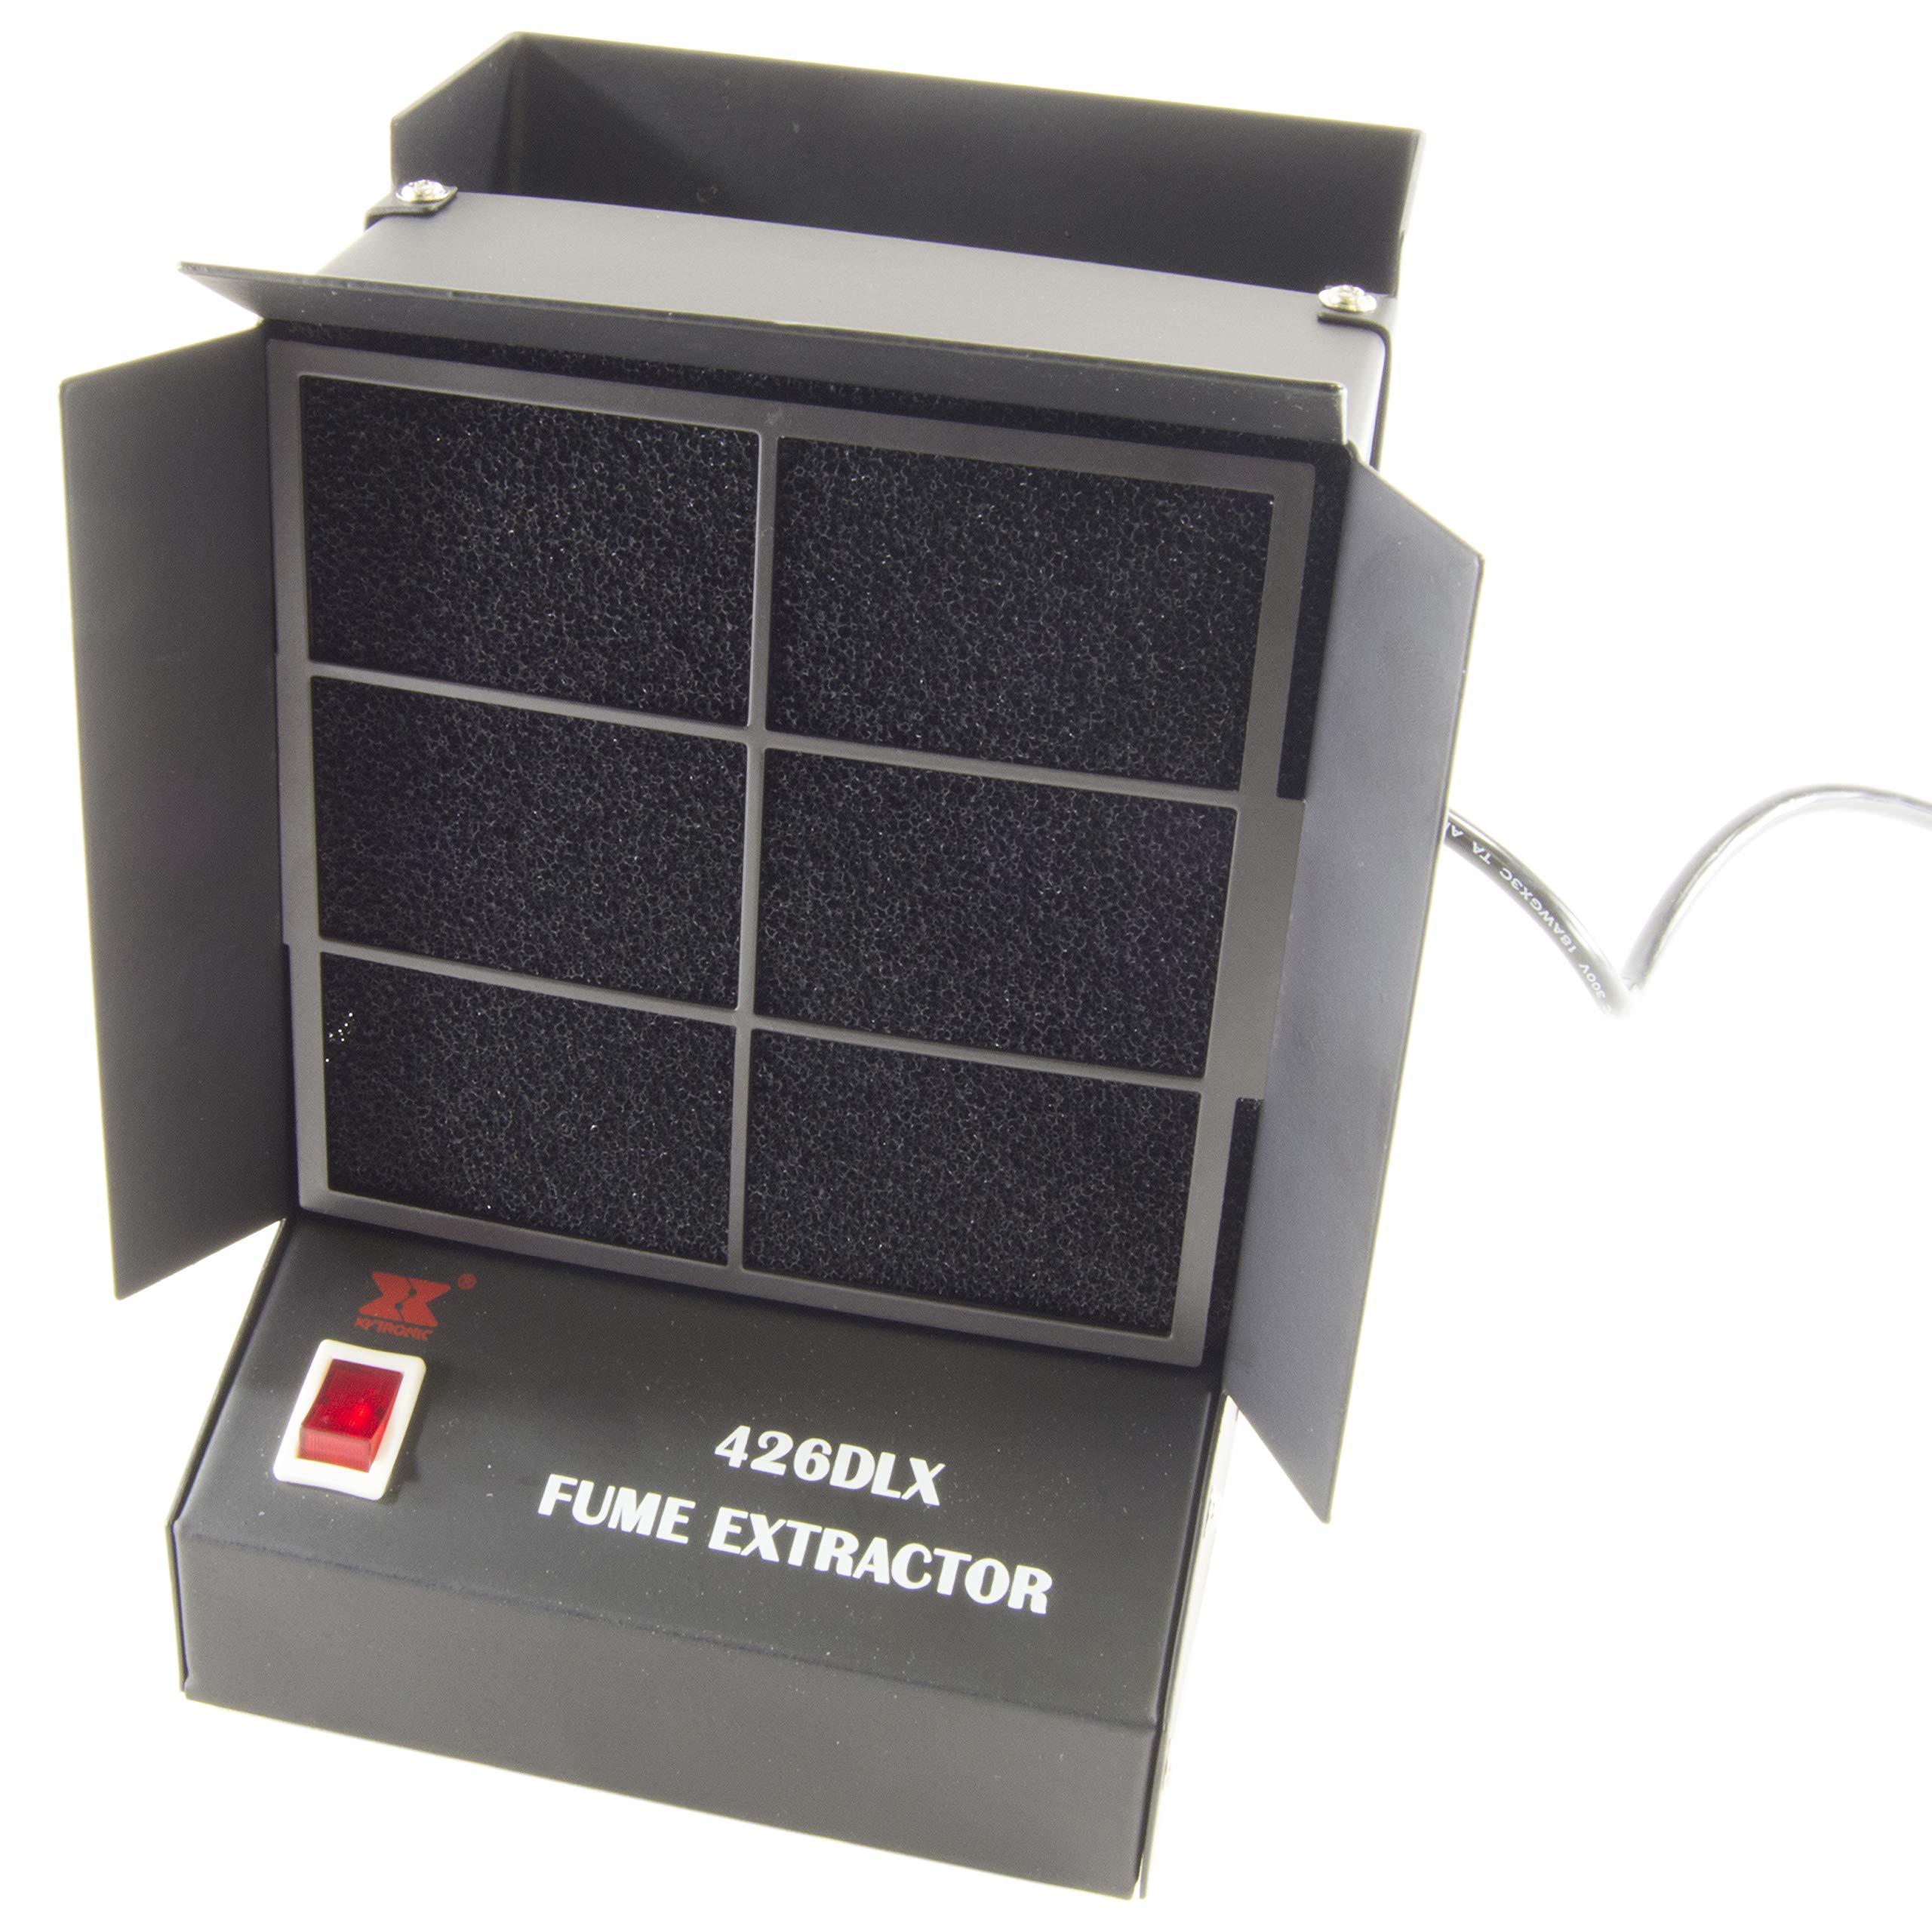 Xytronic 426dlx extractor de humos por Xytronic: Amazon.es ...